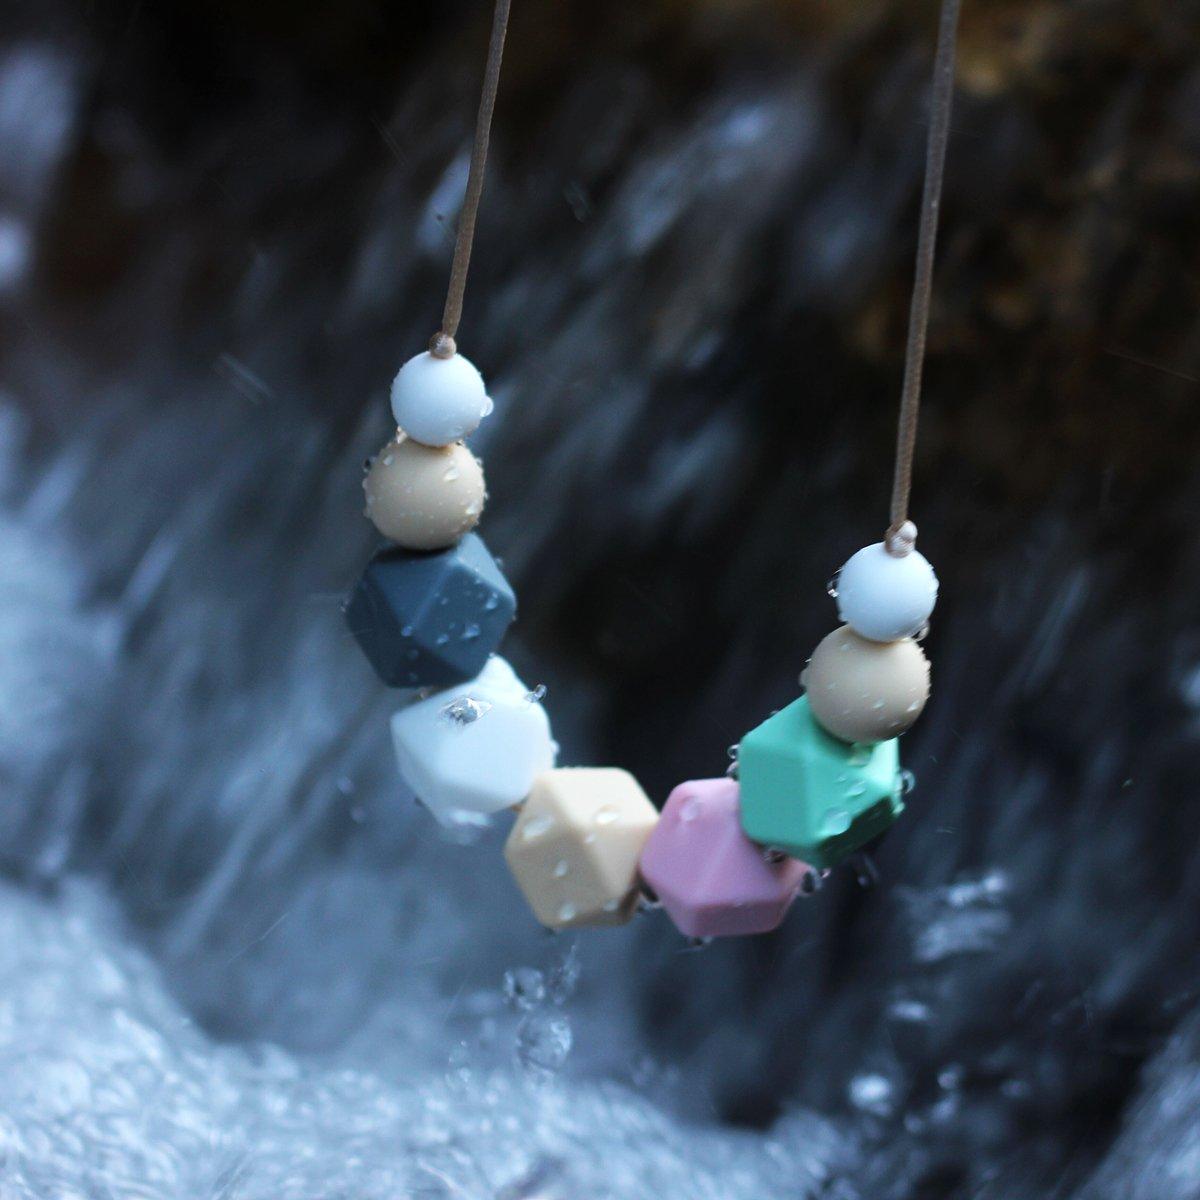 KEFU Collar Mordedor de Lactancia para Beb/é Mordedor sin BPA Silicona Antibi/ótico C/ómodo use collar Hermosa Moda